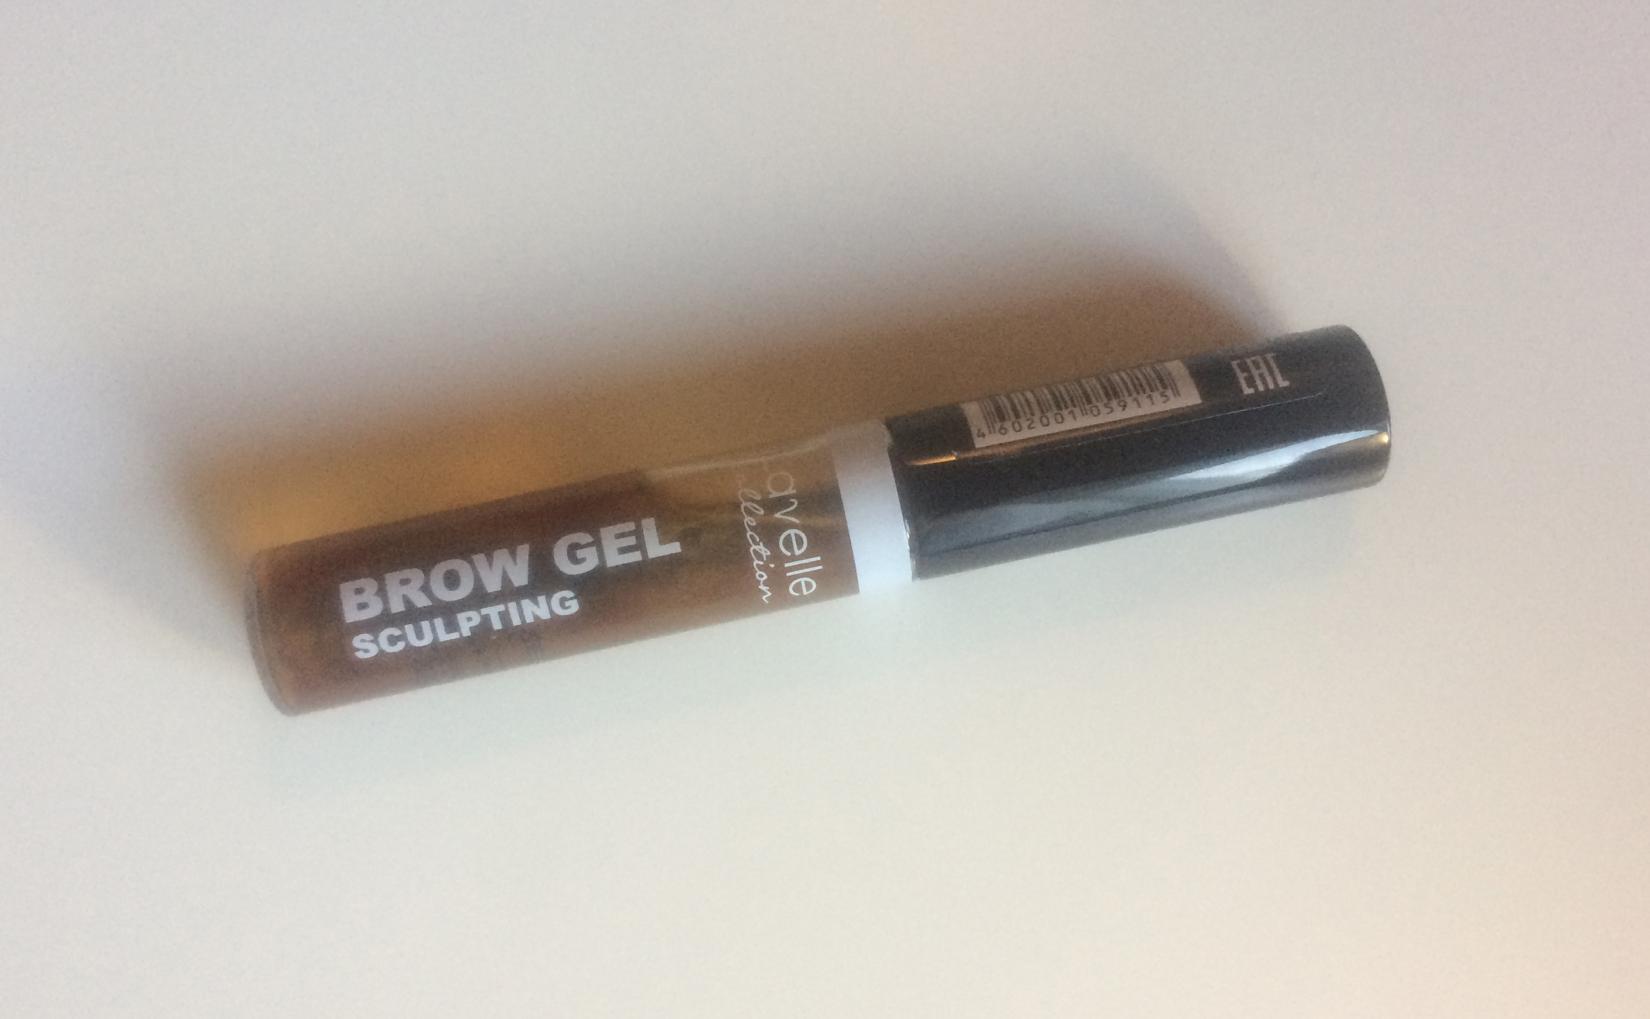 Гель для бровей и ресниц Lavelle Brow Gel Sculpting - упаковка